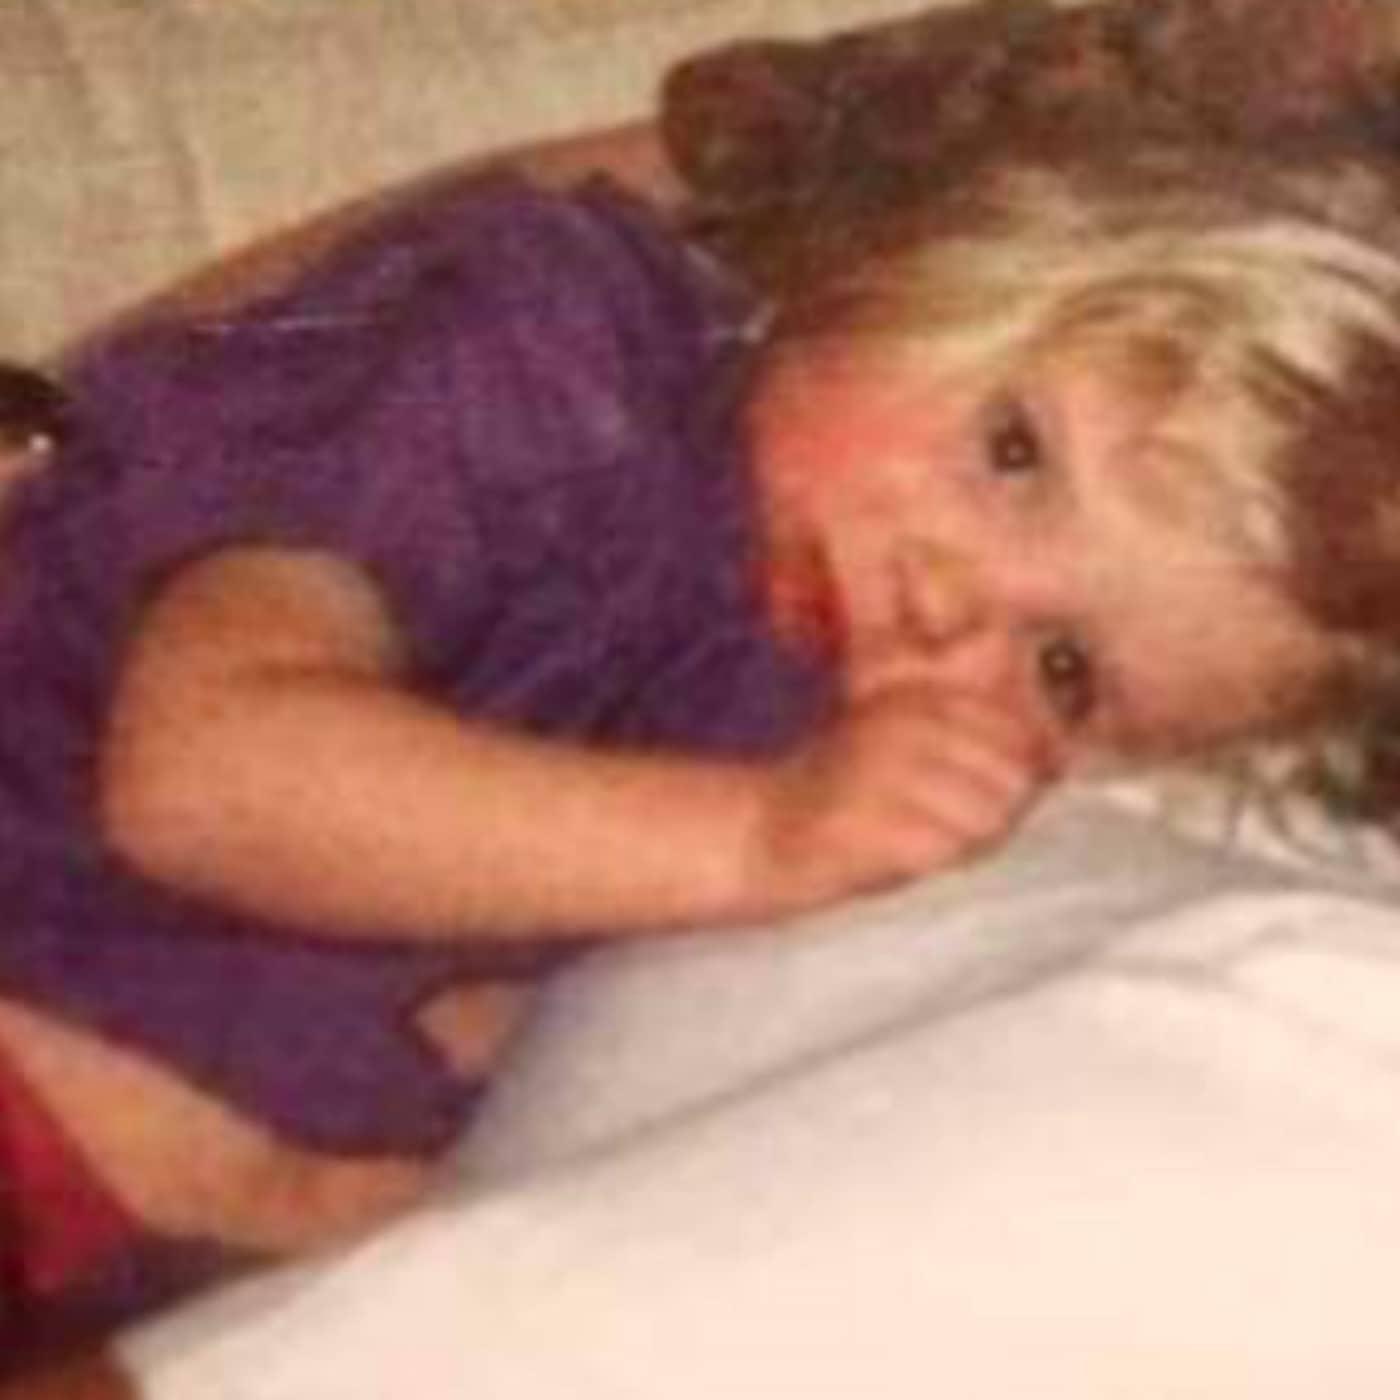 PODDTIPS: Verkligheten i P3 – Mamma dödad i sängen bredvid